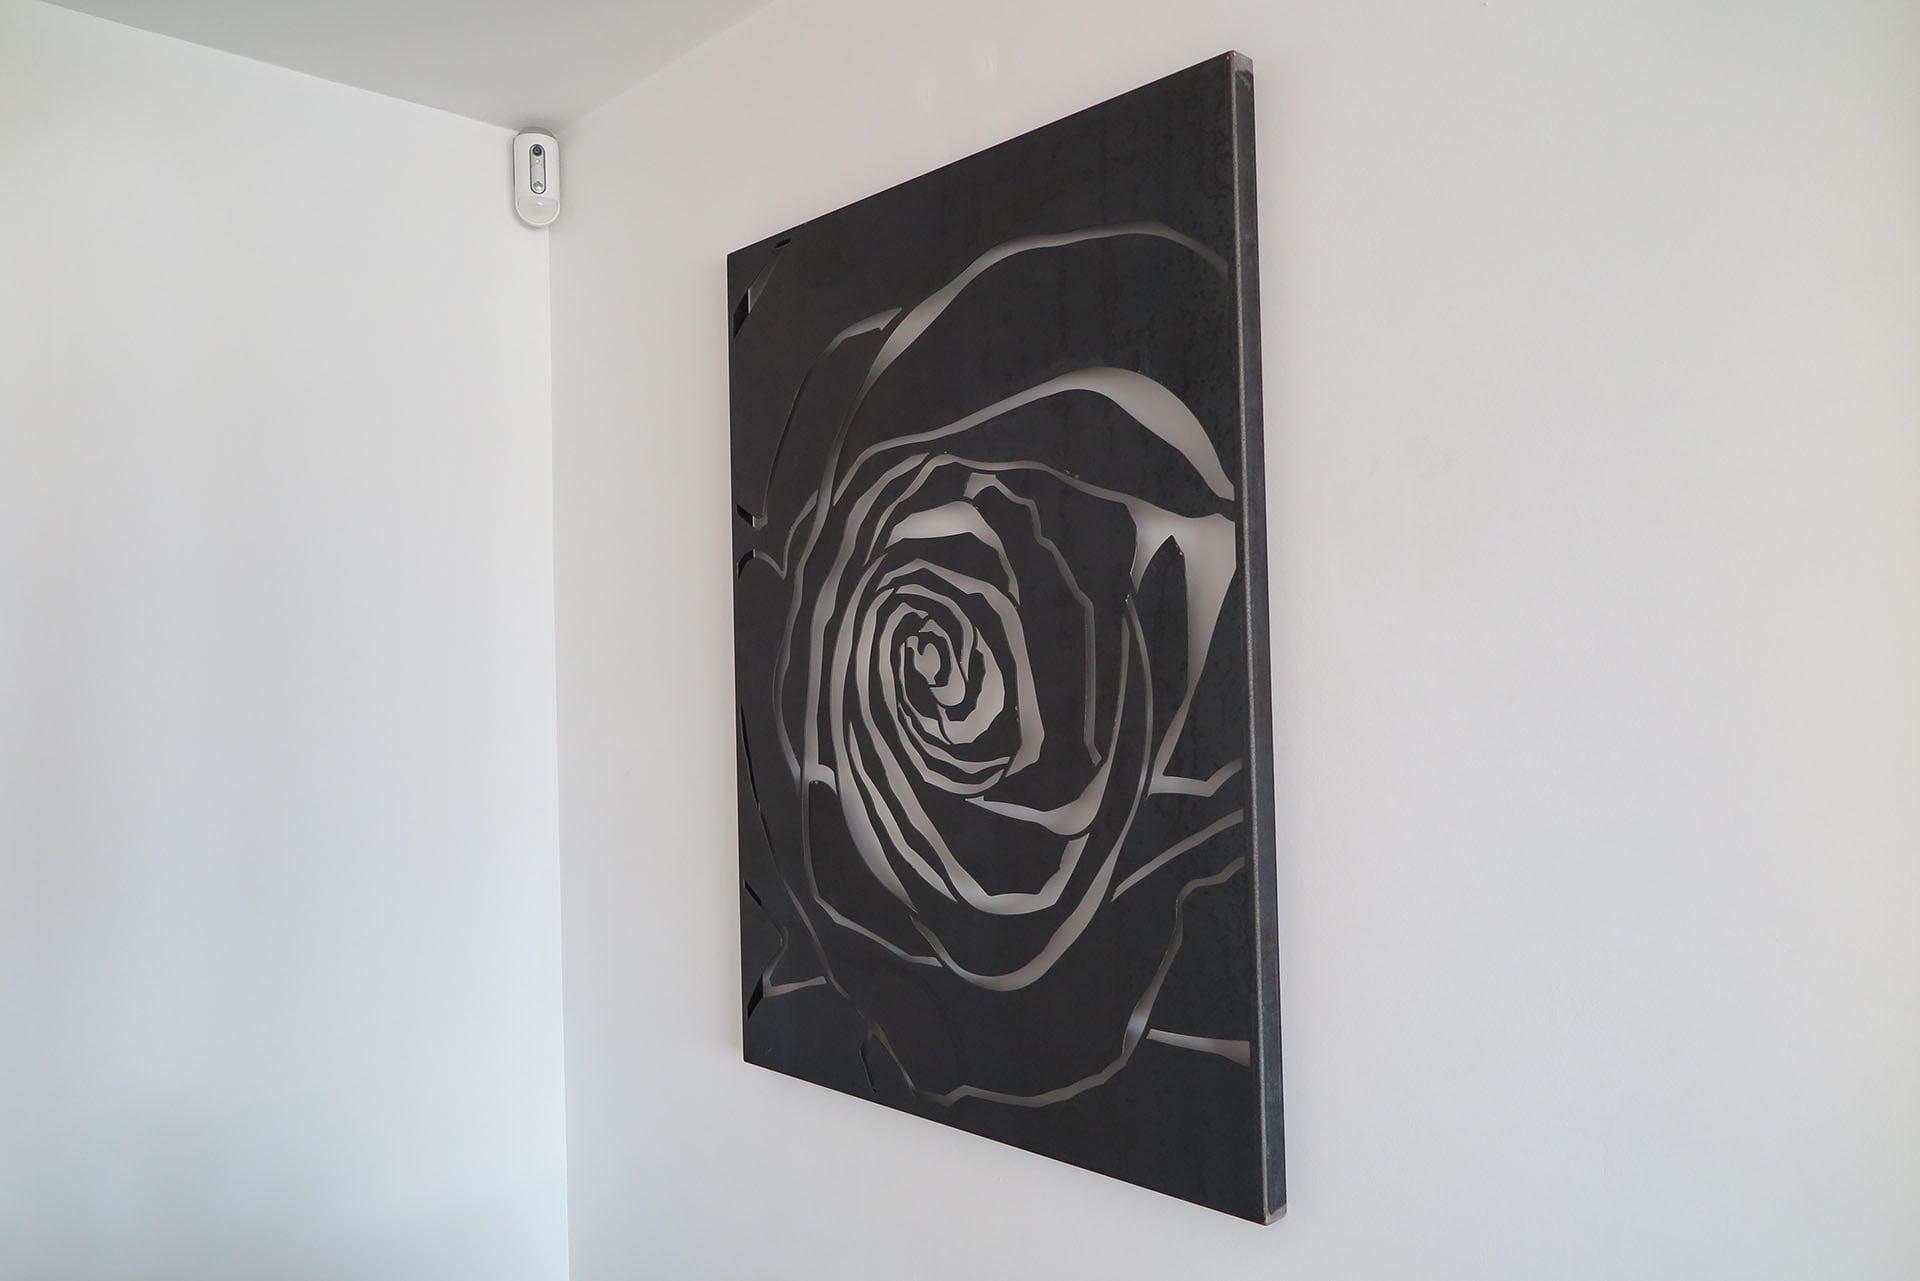 Aquesta imatge té l'atribut alt buit; el seu nom és Rosa-corten-02-.jpg